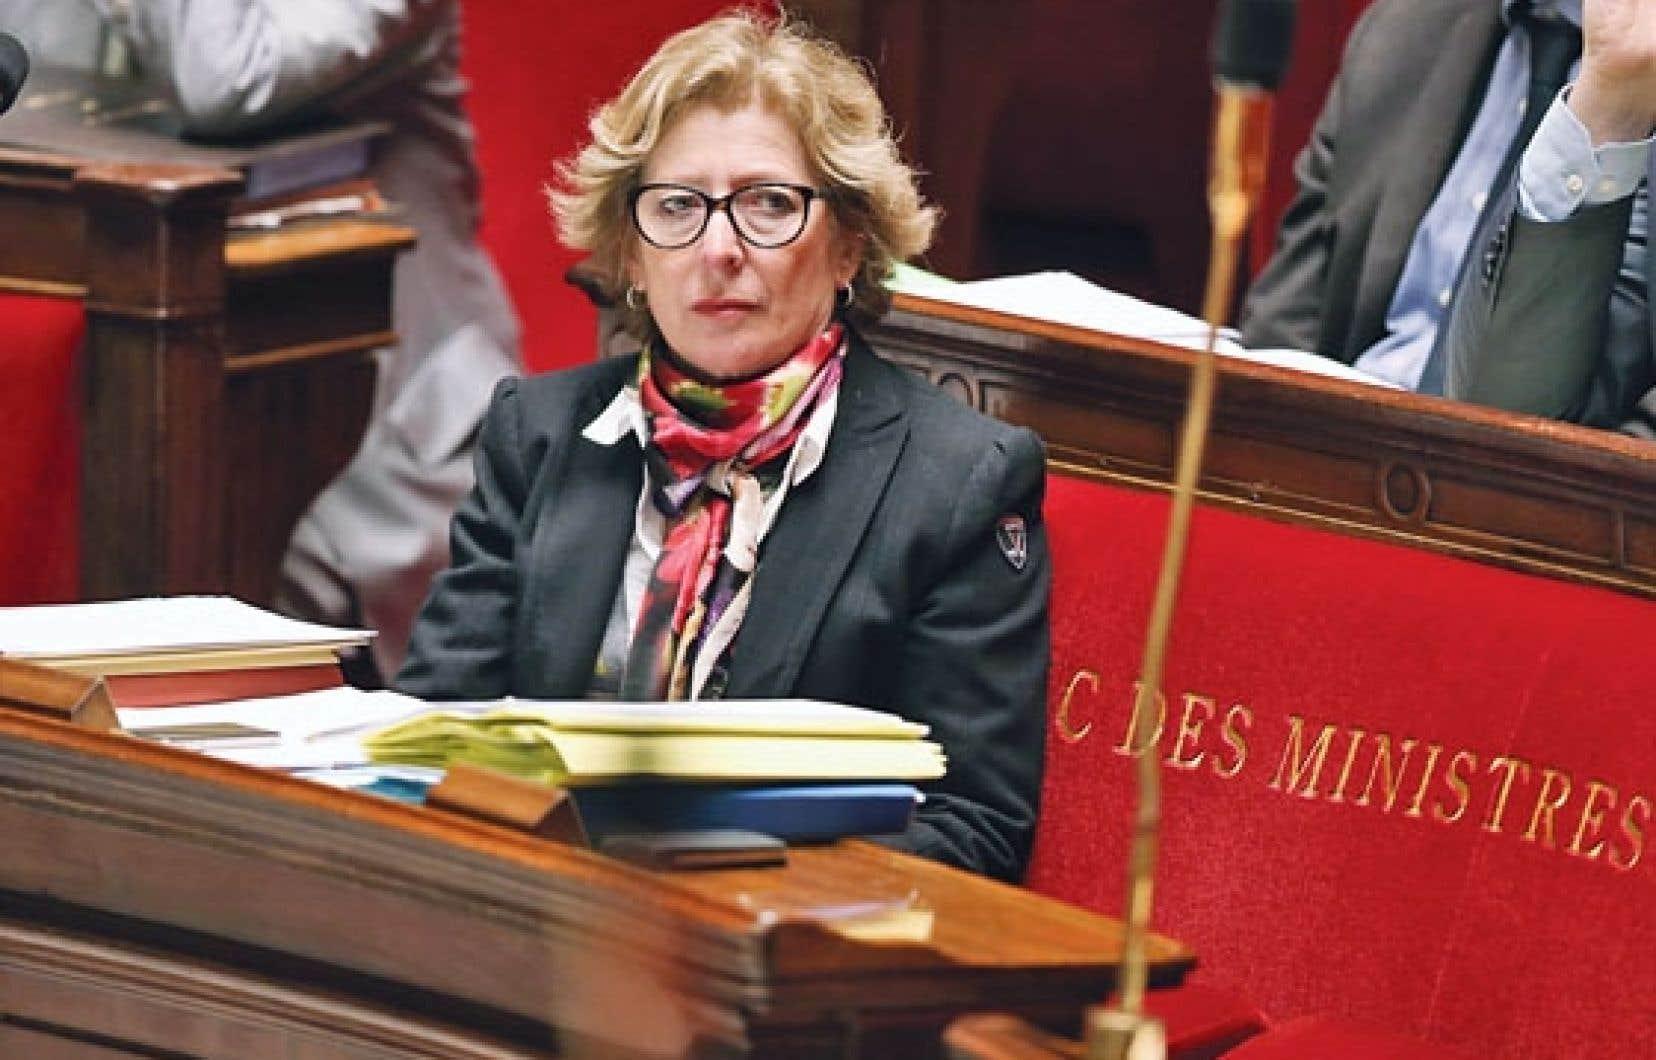 Le projet de la ministre de l'Enseignement supérieur, Geneviève Fioraso, entend, selon ses mots, adapter les universités françaises à « la concurrence internationale ».